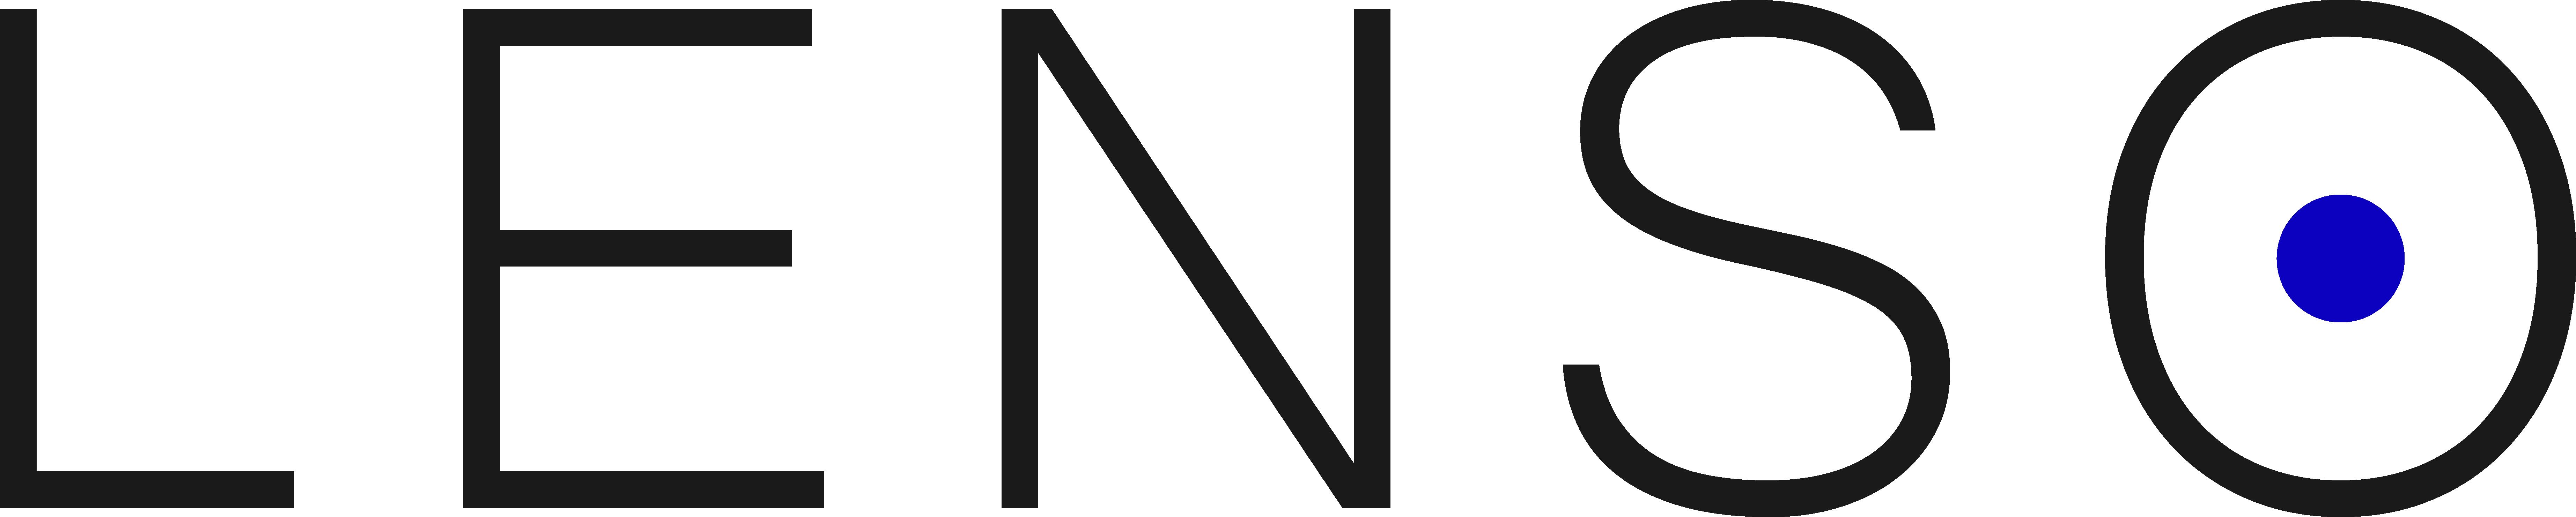 Lenso - Mini Projecteur de Qualité